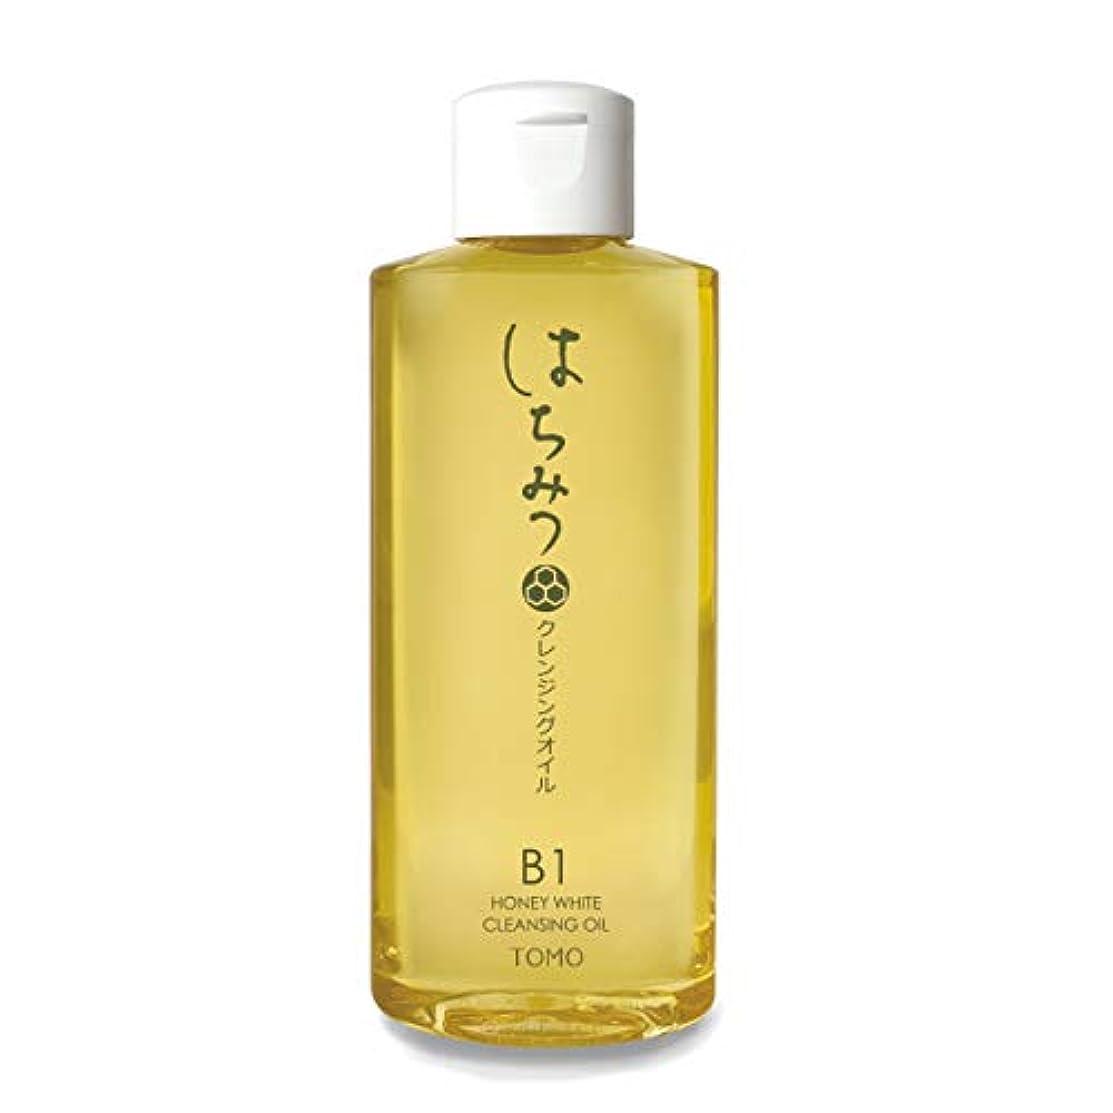 貸すきらめき優雅な低刺激 ロイヤルゼリーエキス配合 50%以上がオリーブオイル 洗い流すタイプのクレンジング クレンジングオイルB1 150ml